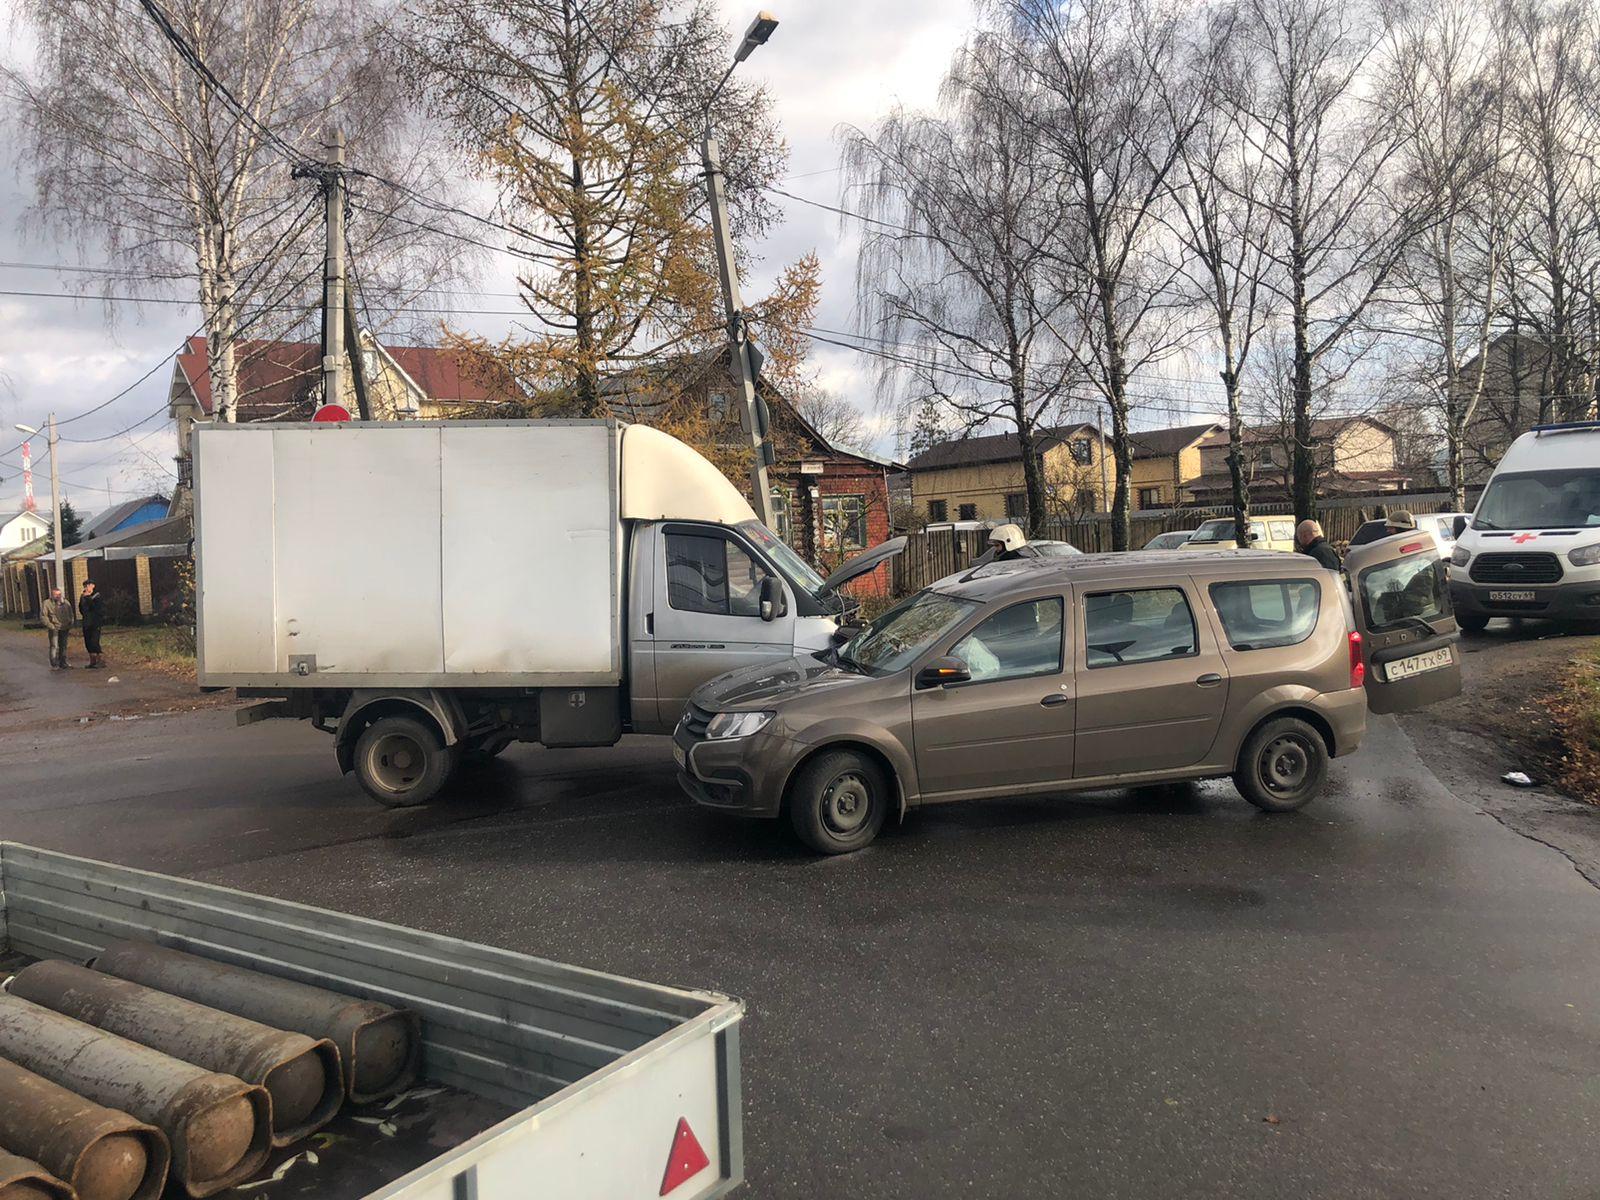 Двое детей доставлены в больницу после ДТП в Заволжском районе Твери - новости Афанасий